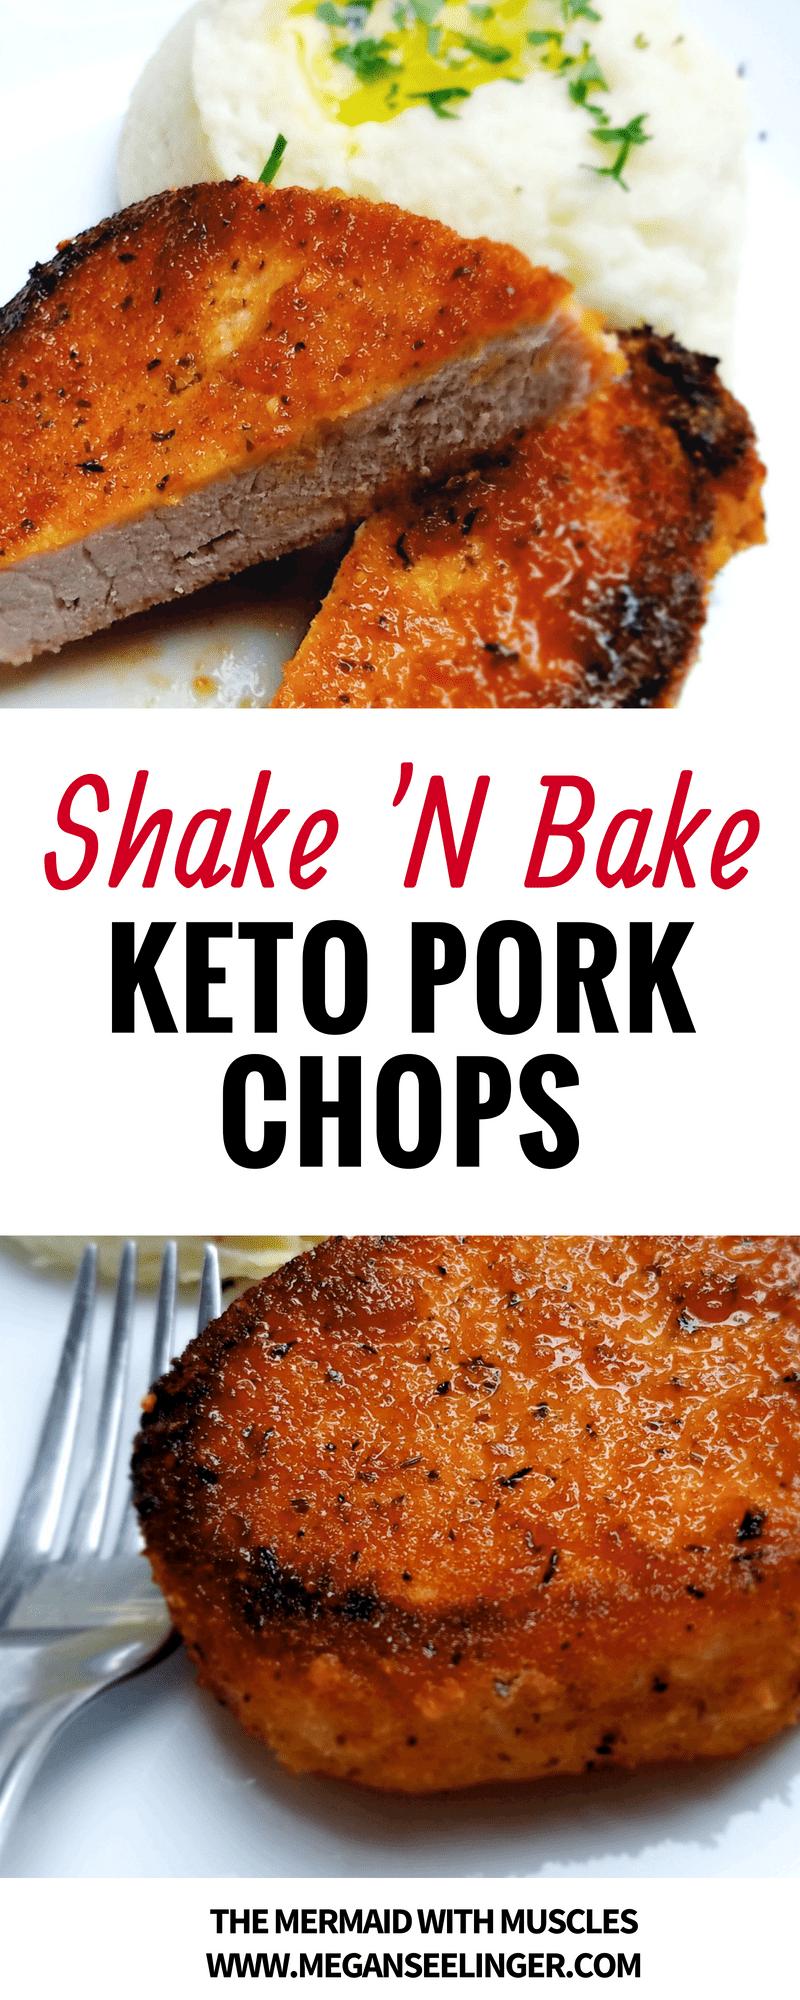 Shake'n bake keto pork chops